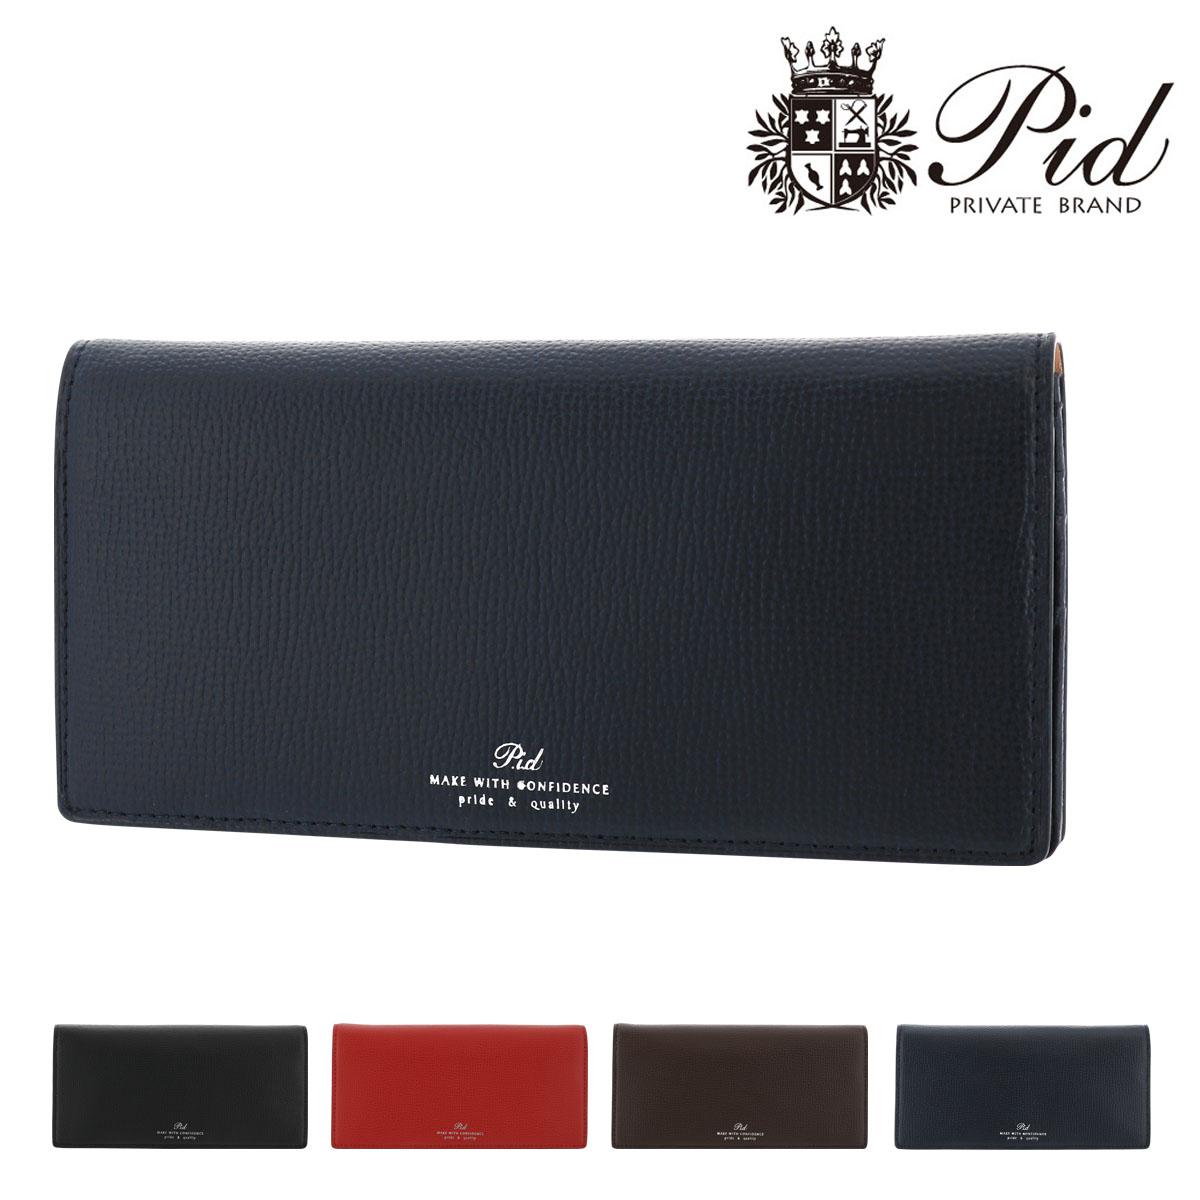 イタリアンレザー 長財布 かぶせ メンズ 本革 P.I.D PAW1005|ブランド 専用BOX付き ピーアイディ フォリア [PO10][bef]